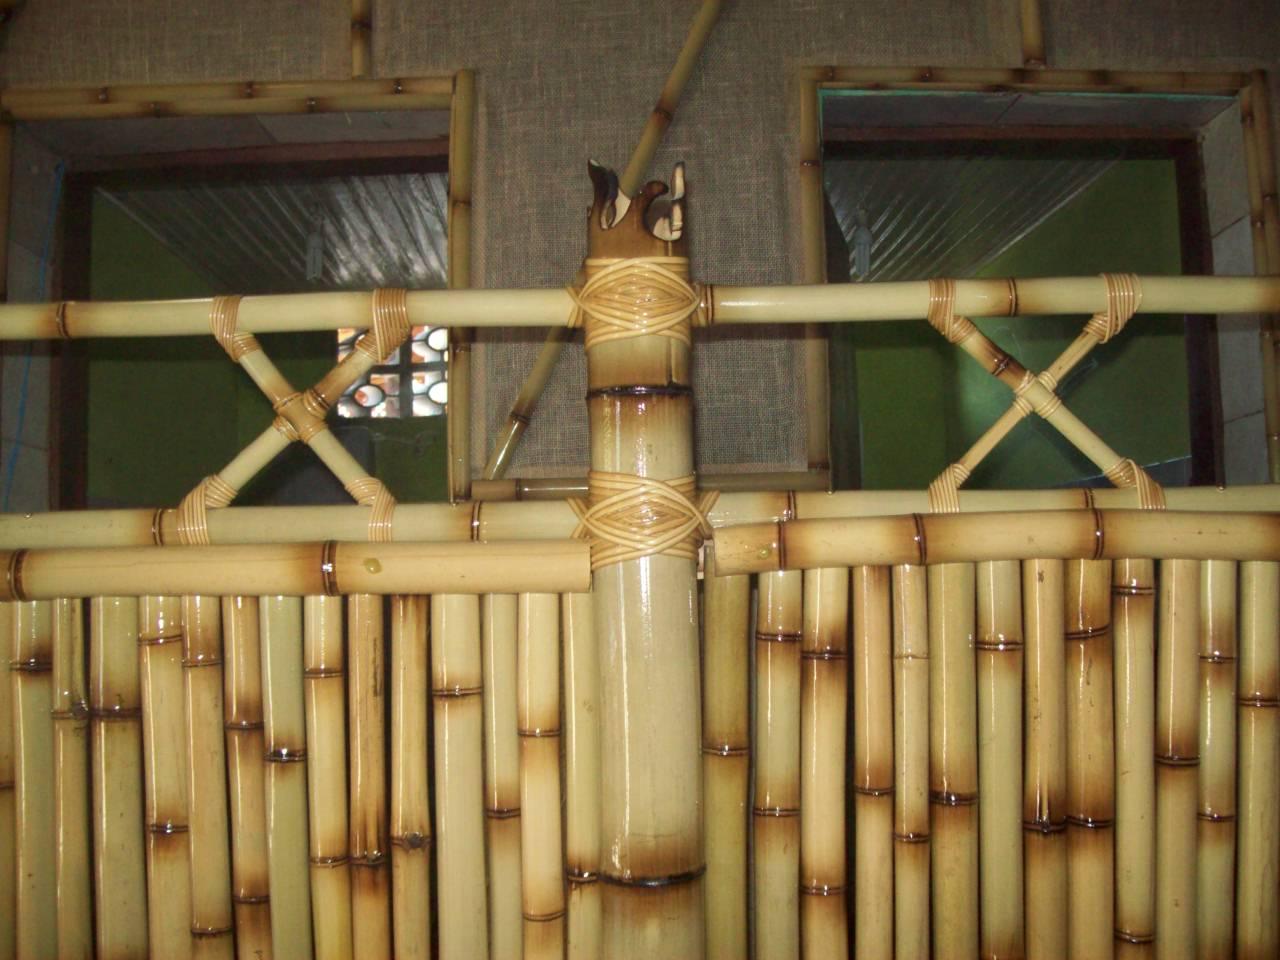 artesanato de bambu para jardim: para um de nossos decoradores te fazer uma visita e fazer o projeto de